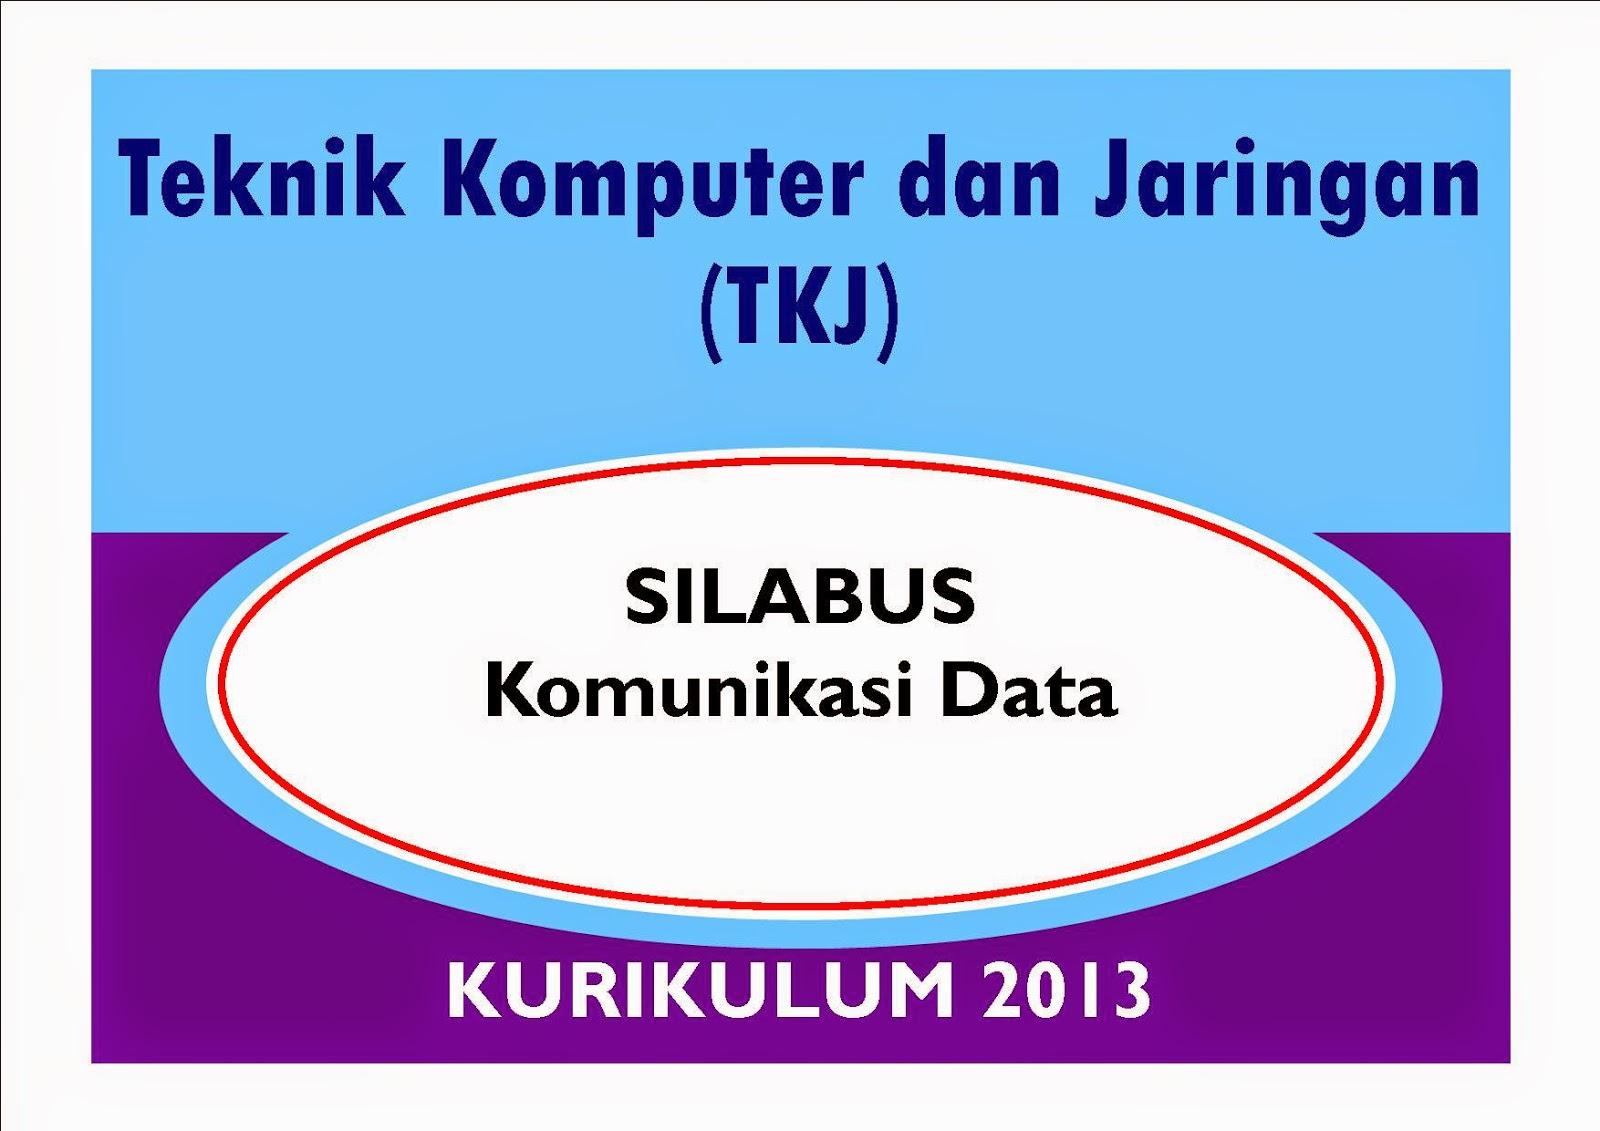 Silabus Komunikasi Data TKJ